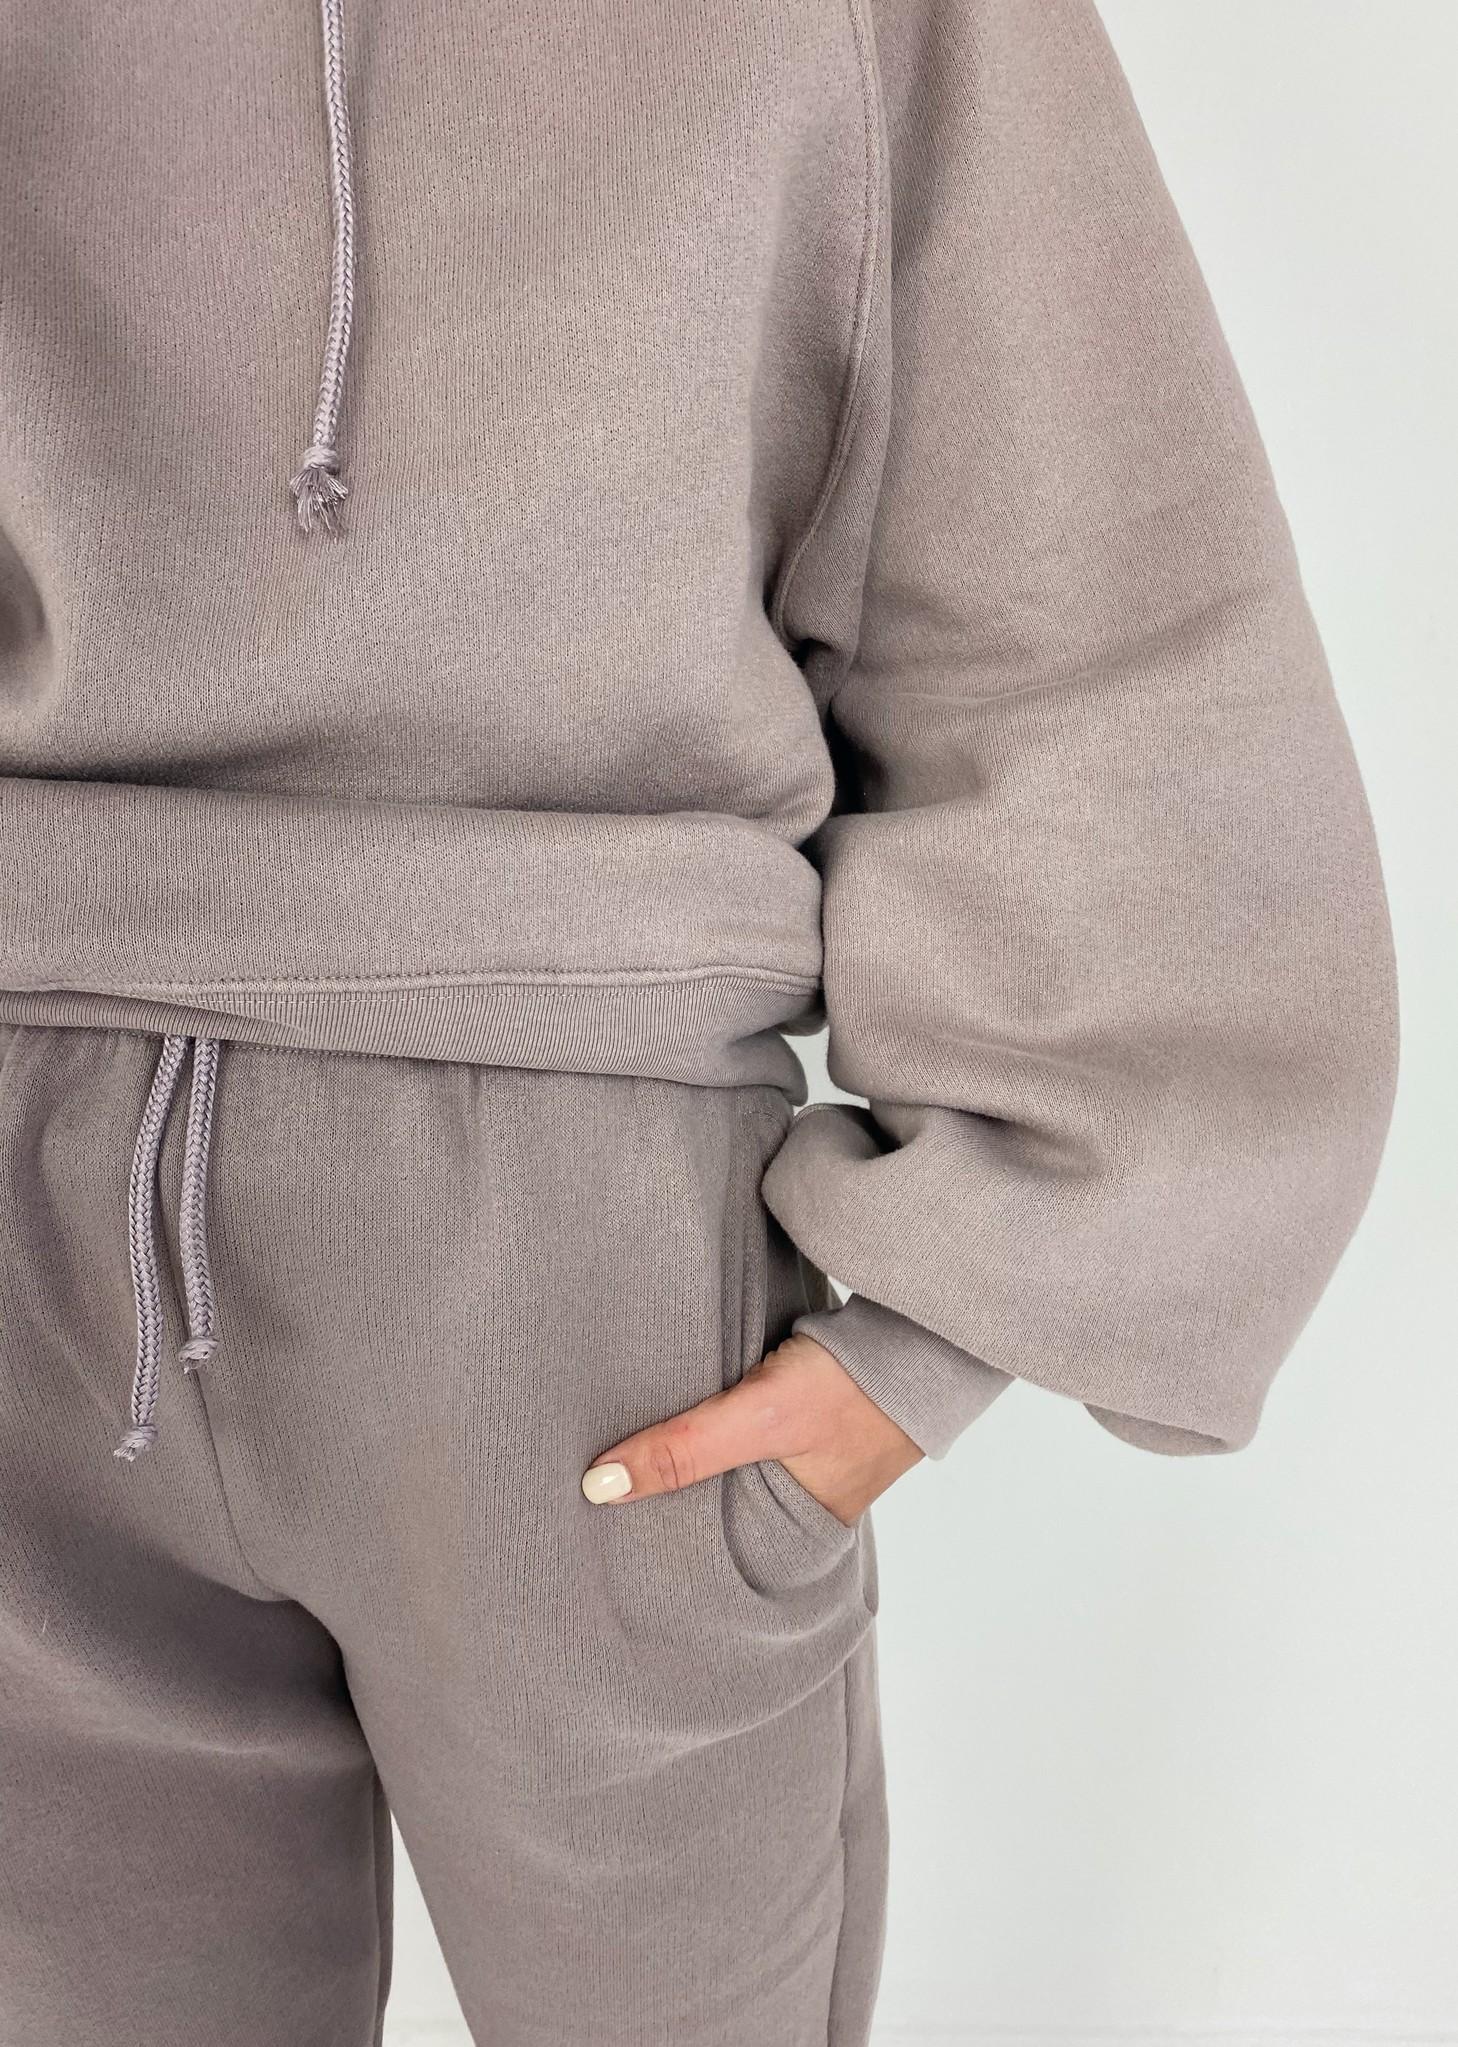 Sweater Ikatown taupe-3